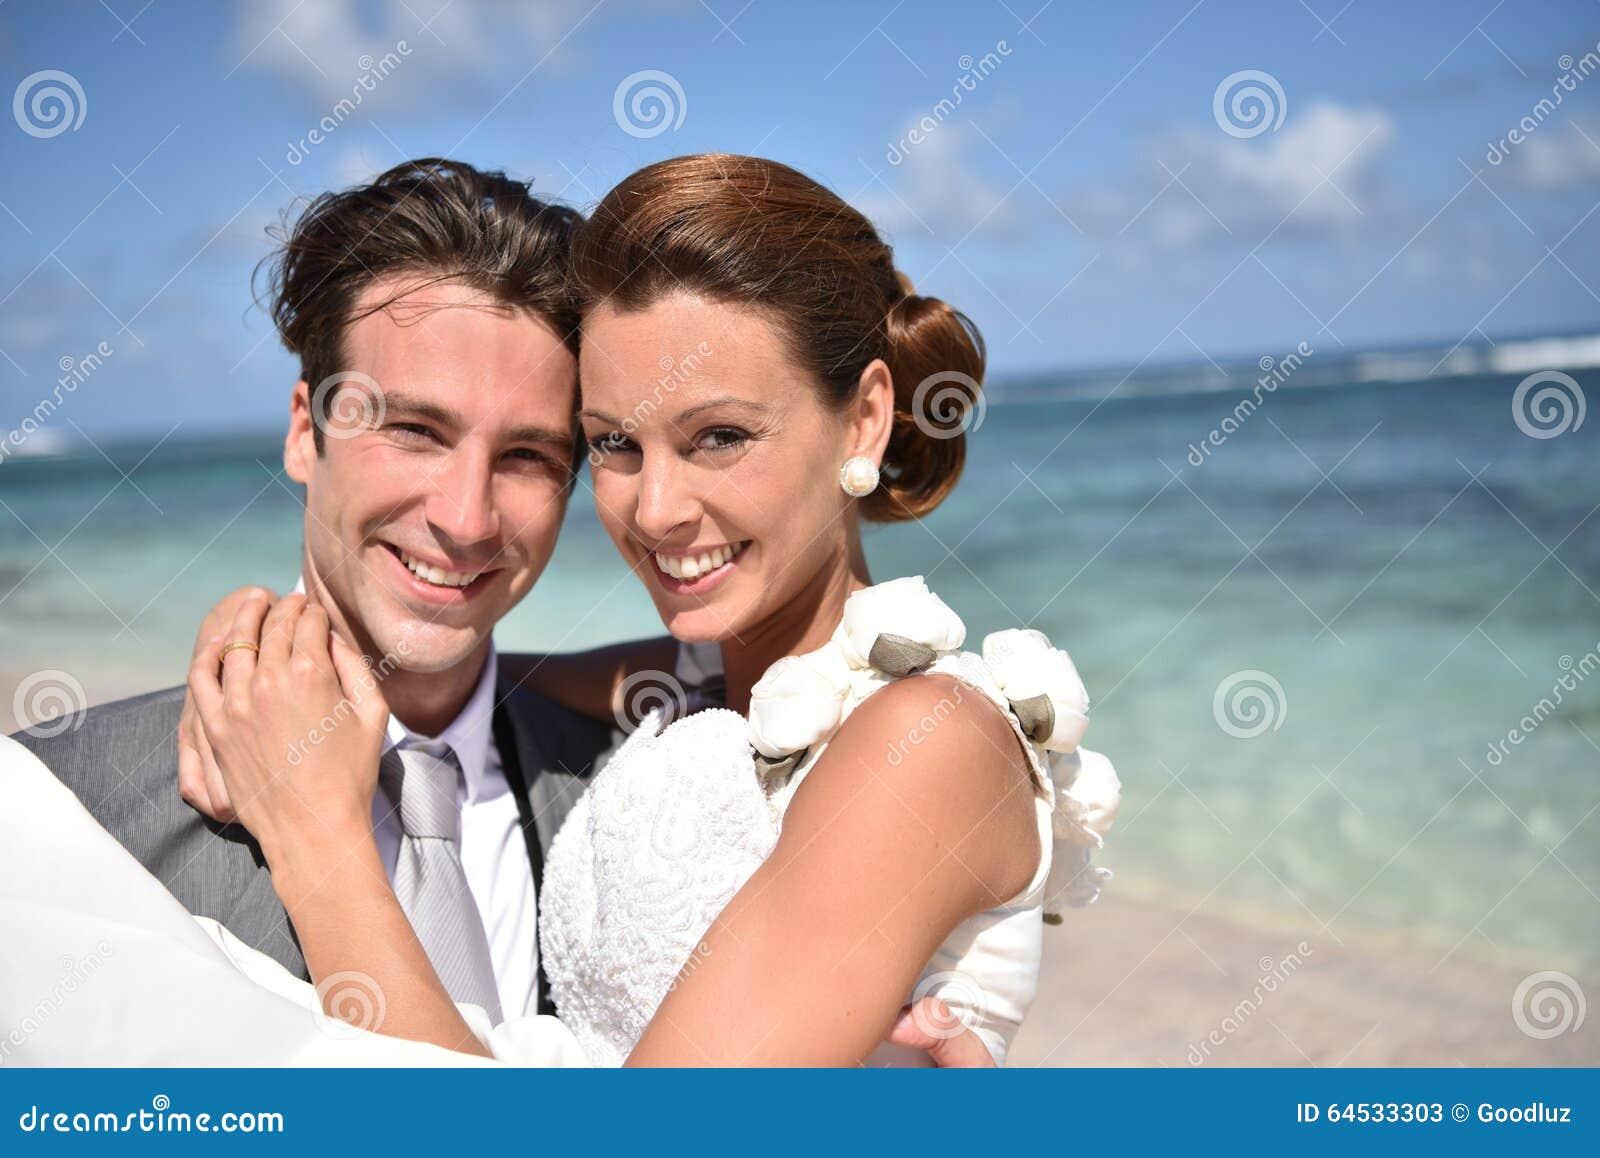 Pflegen Sie das Halten der Braut in seinen Armen auf dem Strand